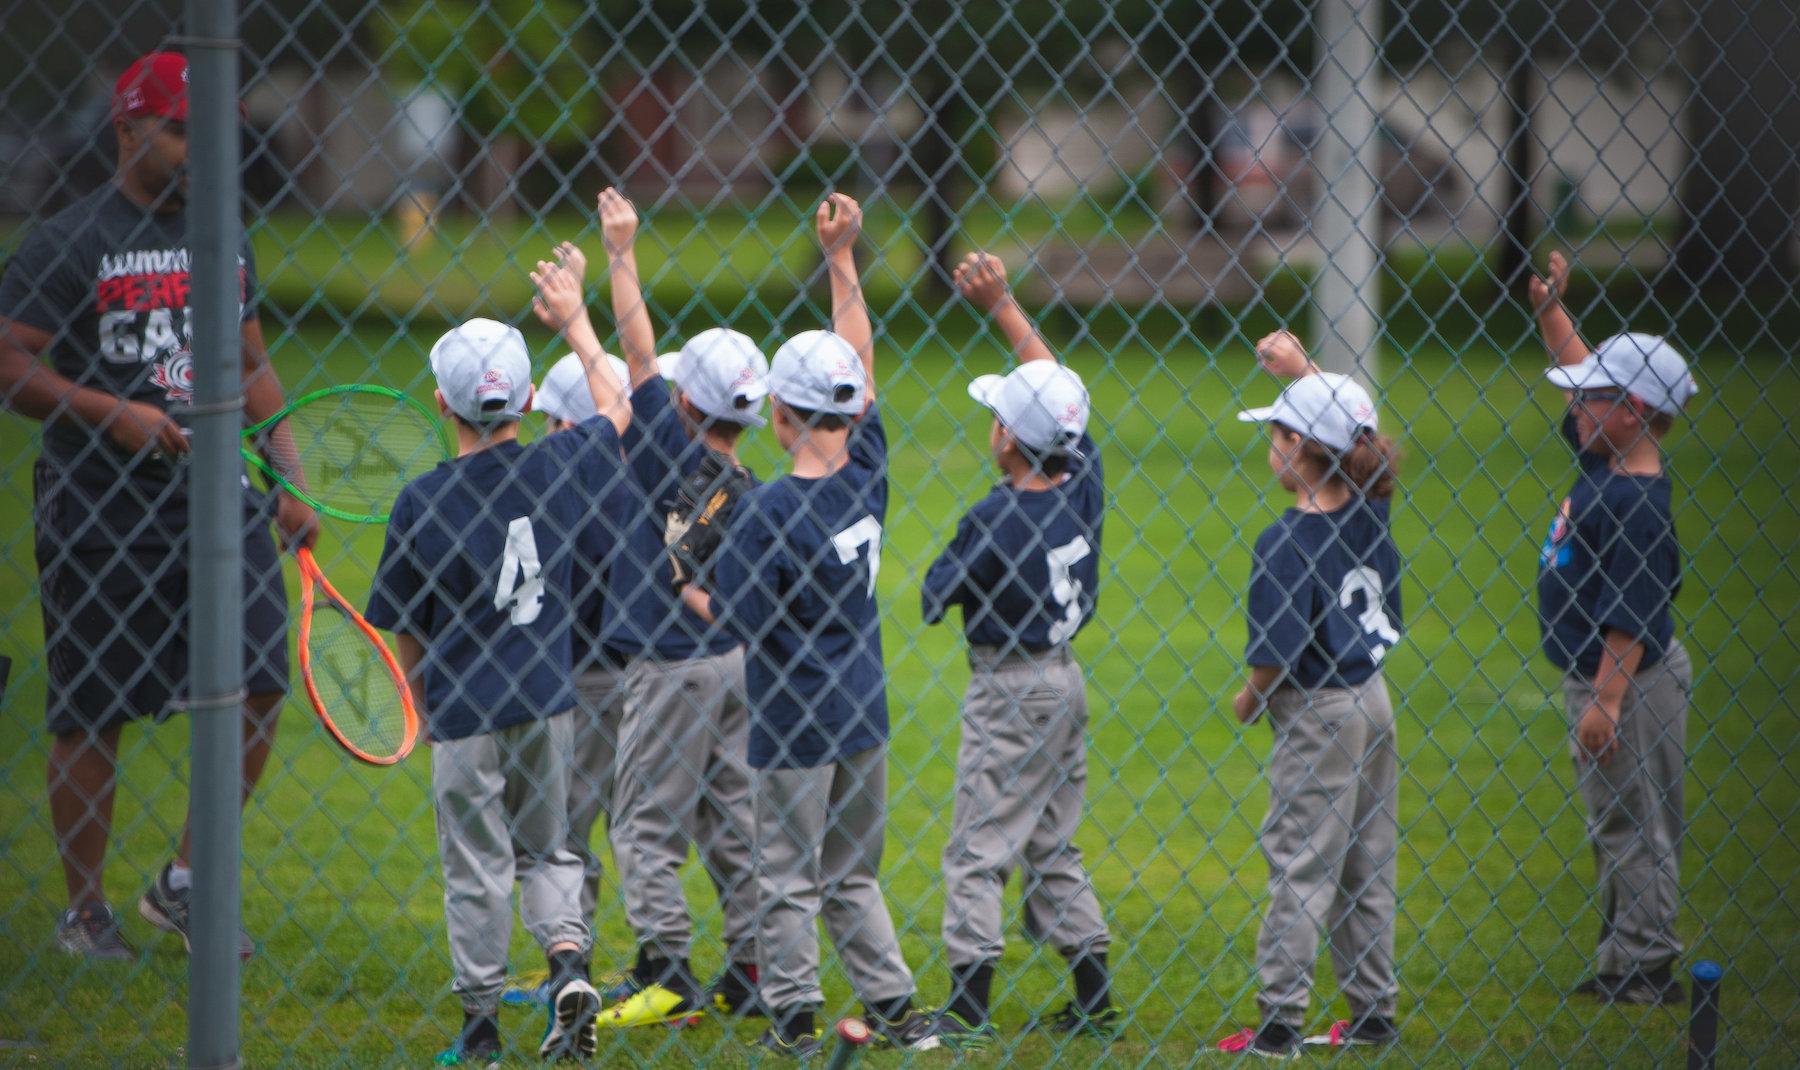 Développement des athlètes: trois façons de s'amuser au baseball au niveau initiation